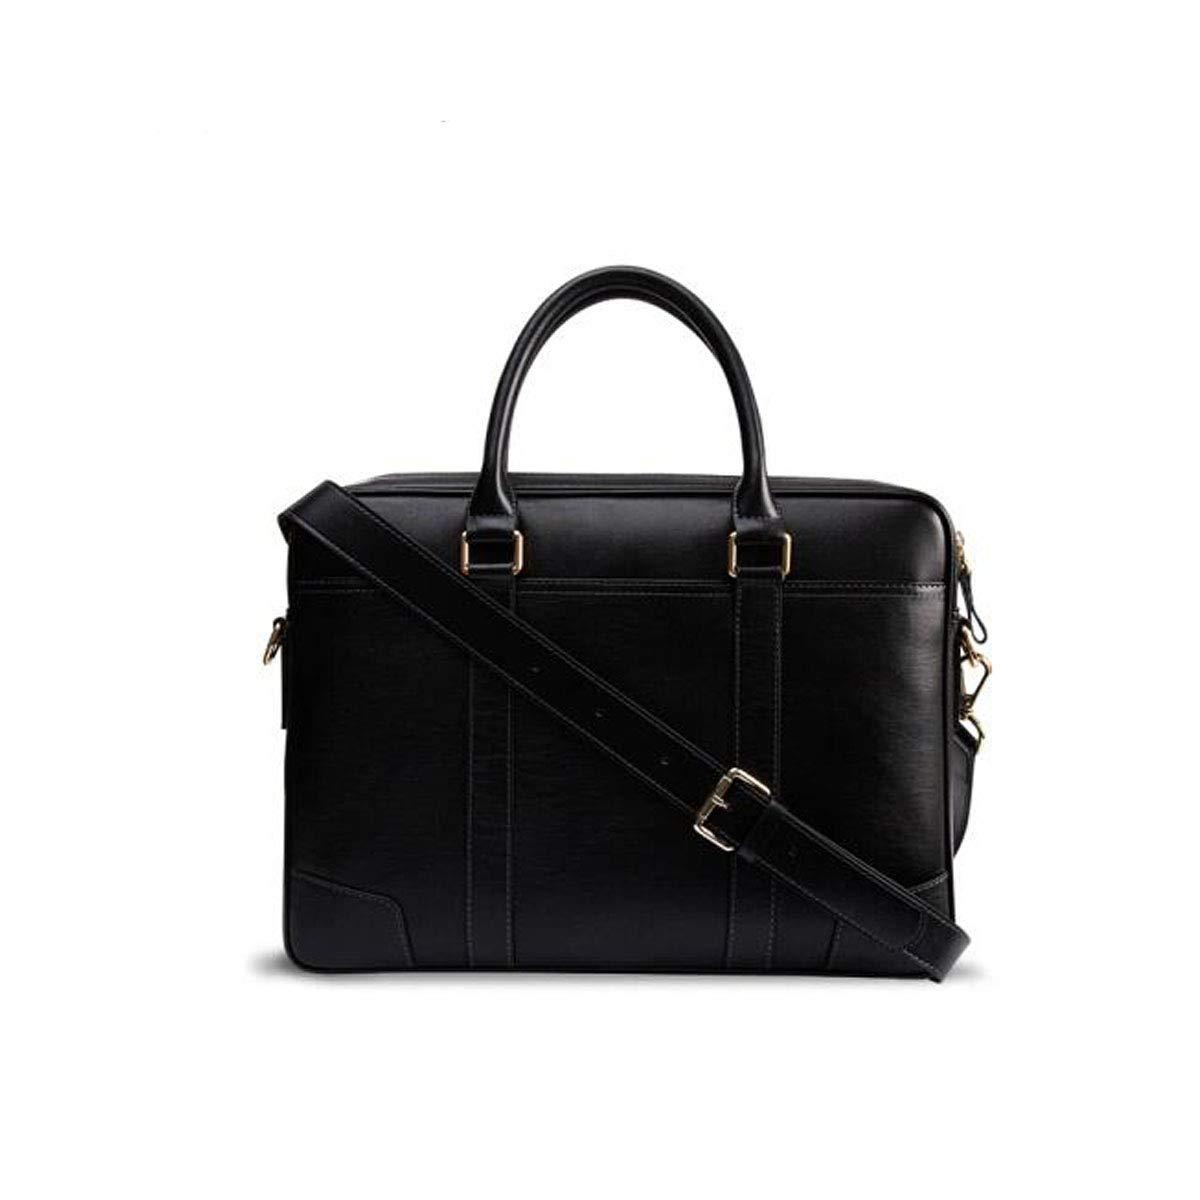 ブリーフケース、メンズスエードレザーメンズバッグ、コンピューターハンドバッグ、ブラックコーヒーサイズ:38 * 6 * 27.5 cm B07R56KZ44 Coffee color